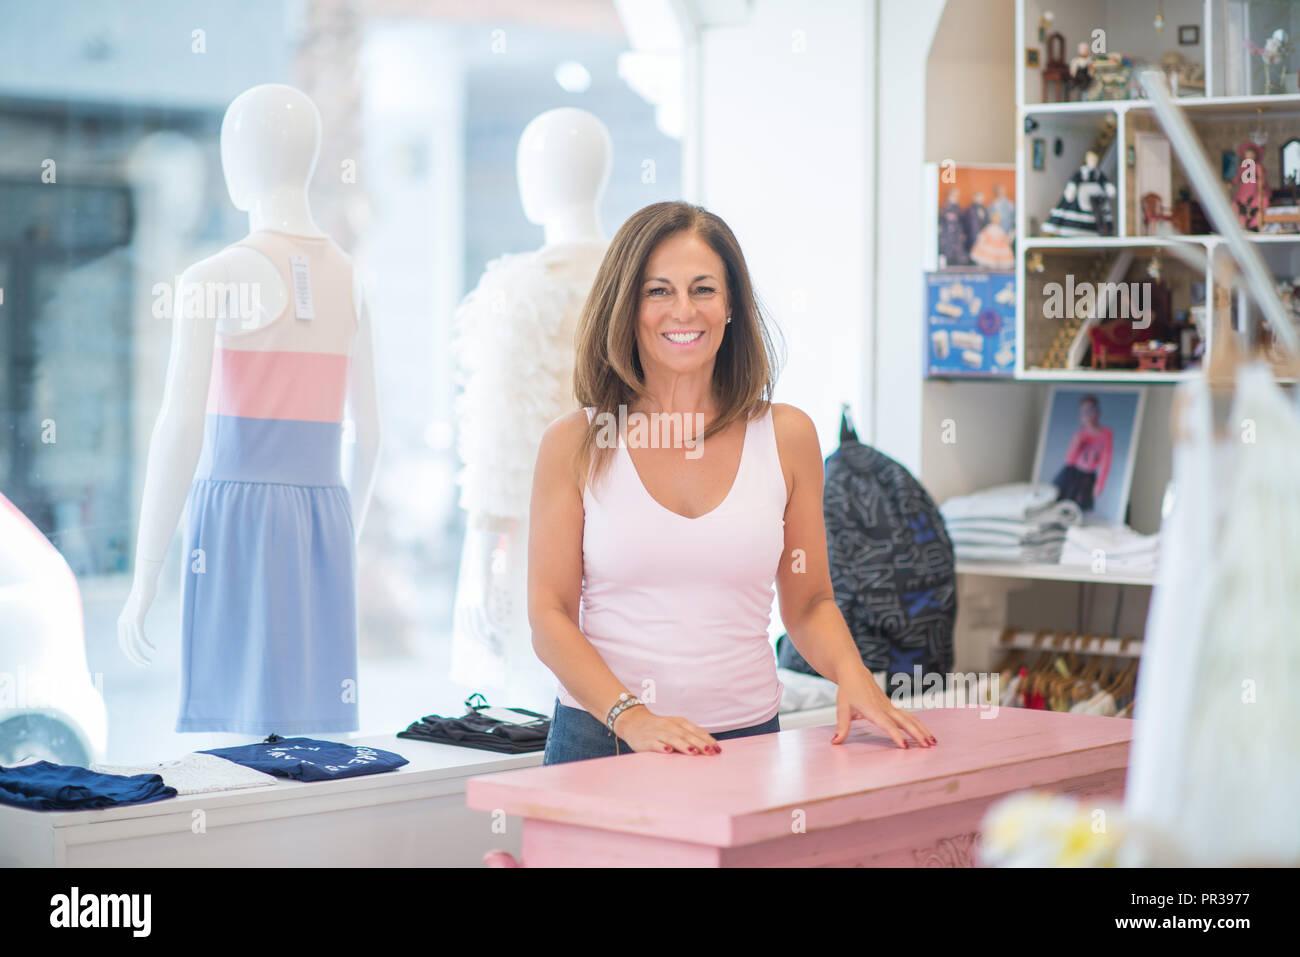 308e424dadfc82 Schönen mittleren Alter spanischer stehende Frau mit einem Lächeln auf dem  Gesicht an Kleidung zu speichern. Shop Besitzer und Verkäufer lächelt ...